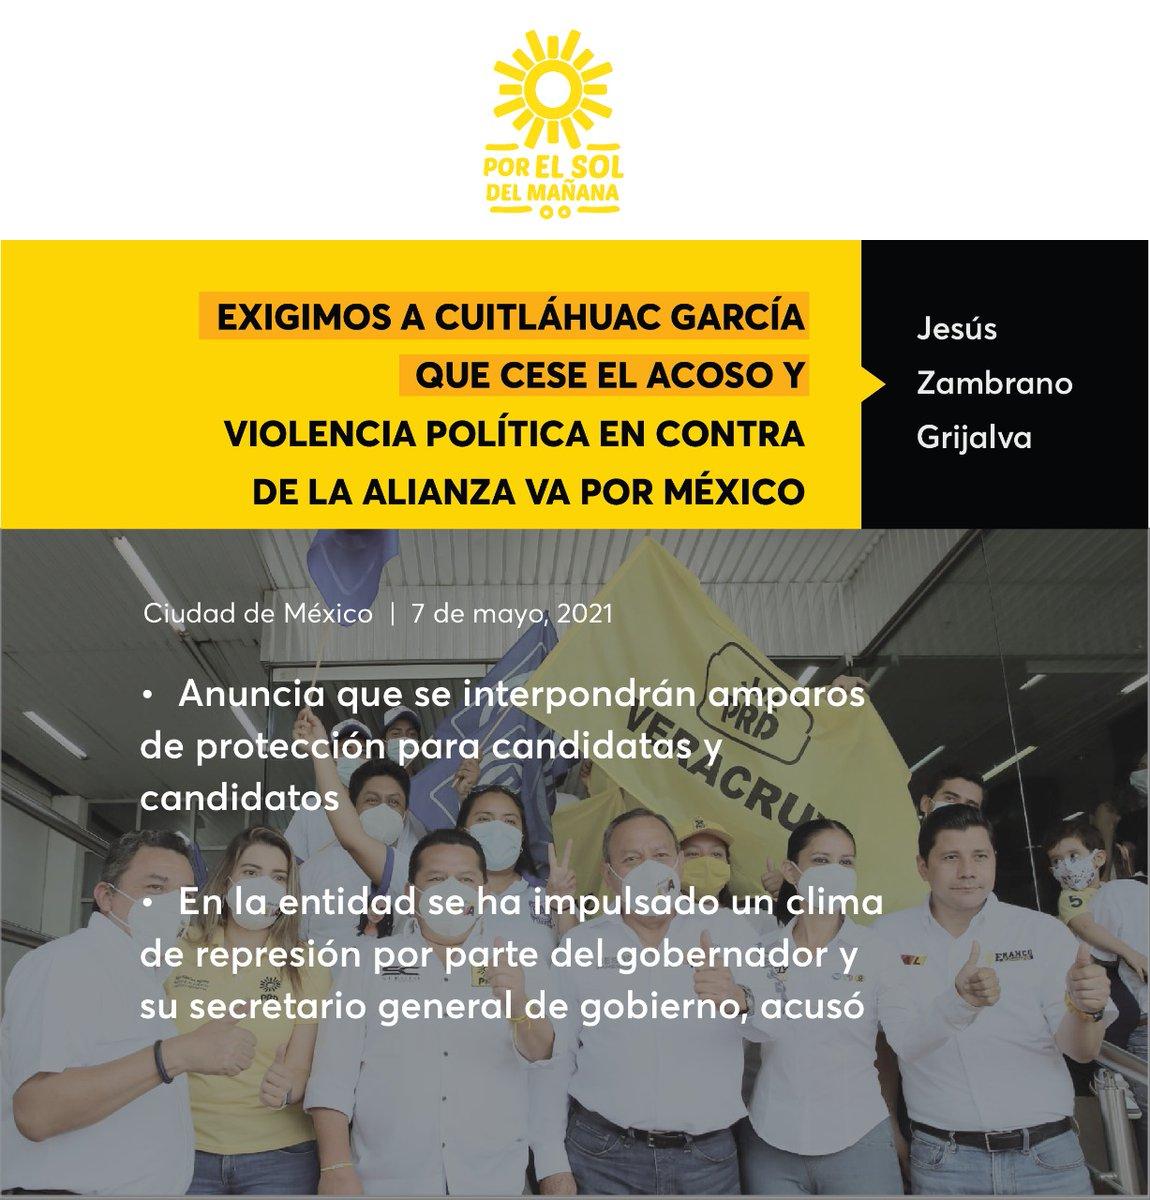 Exigimos a @CuitlahuacGJ  que cese el acoso y violencia política en contra de la alianza #VaPorMéxico: @Jesus_ZambranoG   Comunicado 📃🔆➡️ https://t.co/3h8VFx11j0 https://t.co/q9hj4YwYV6